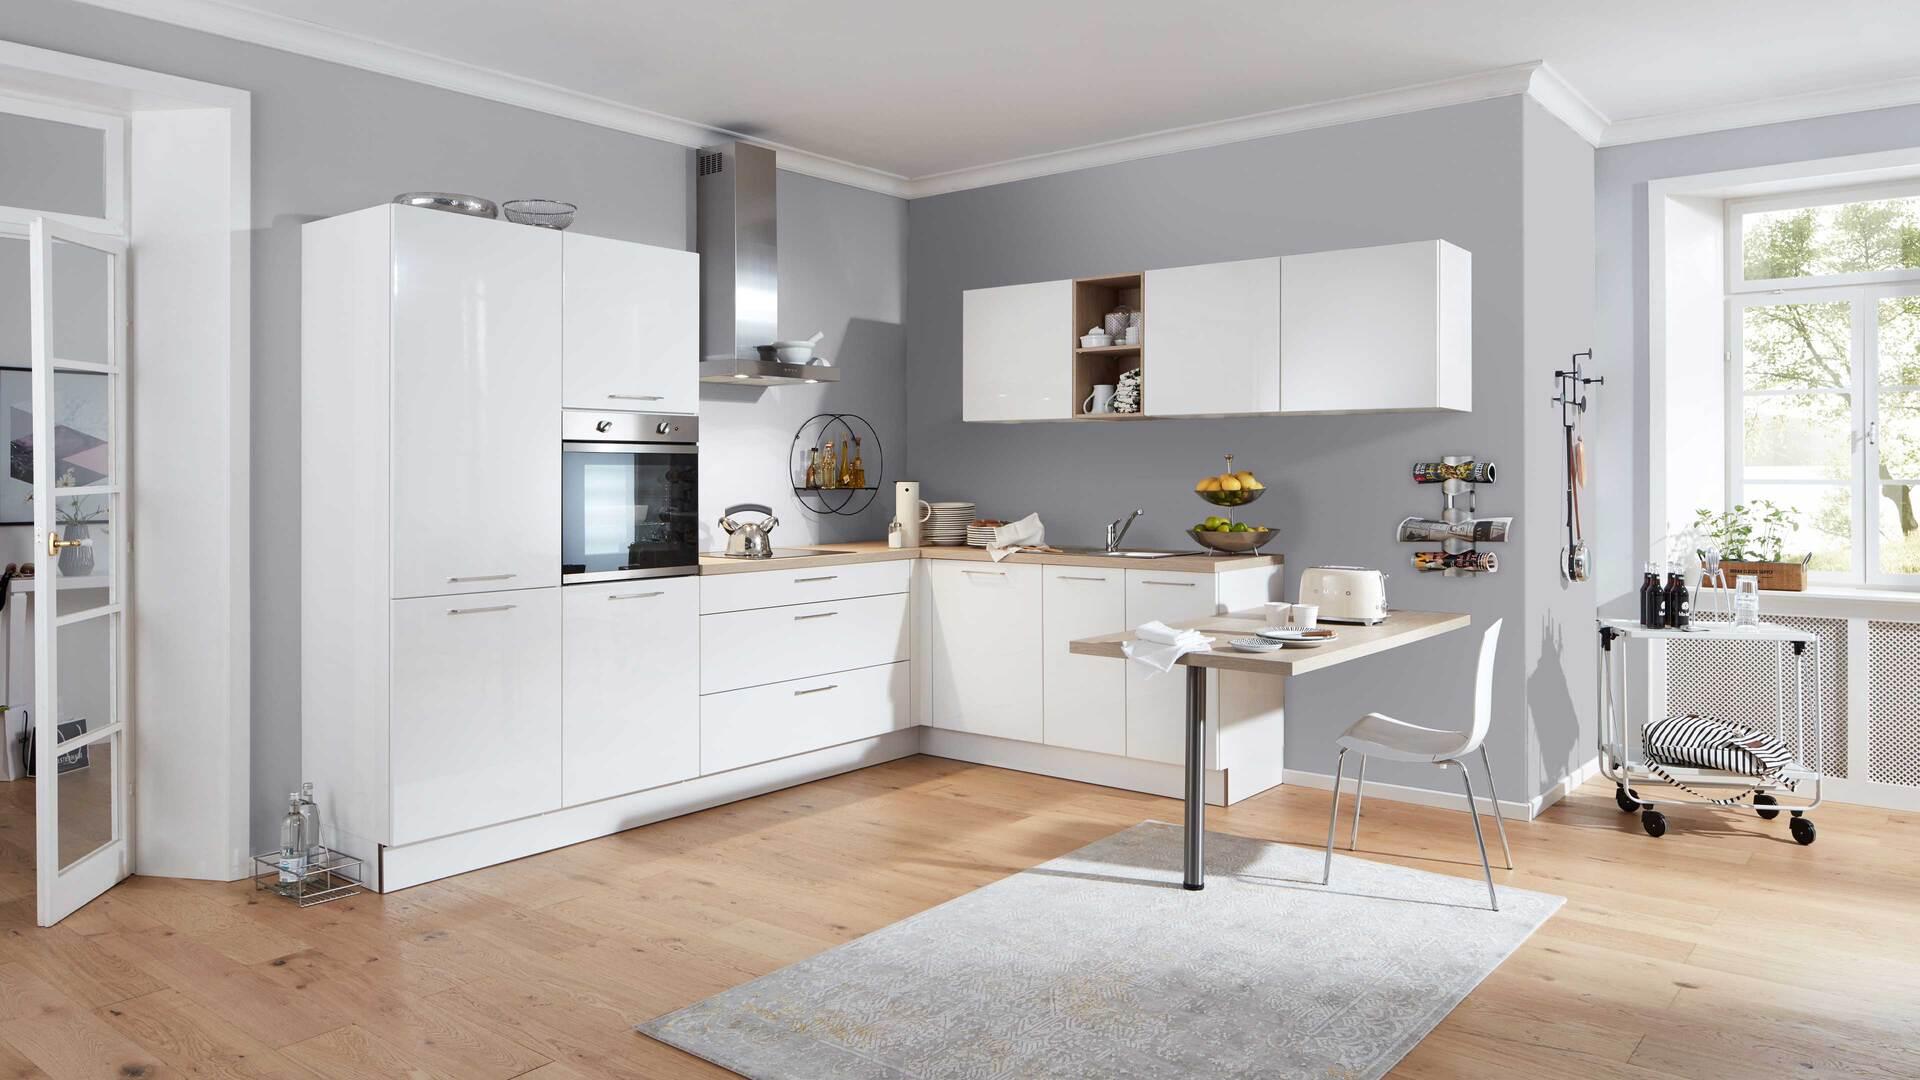 Interliving Küche Serie 3018 mit privileg Einbaugeräten